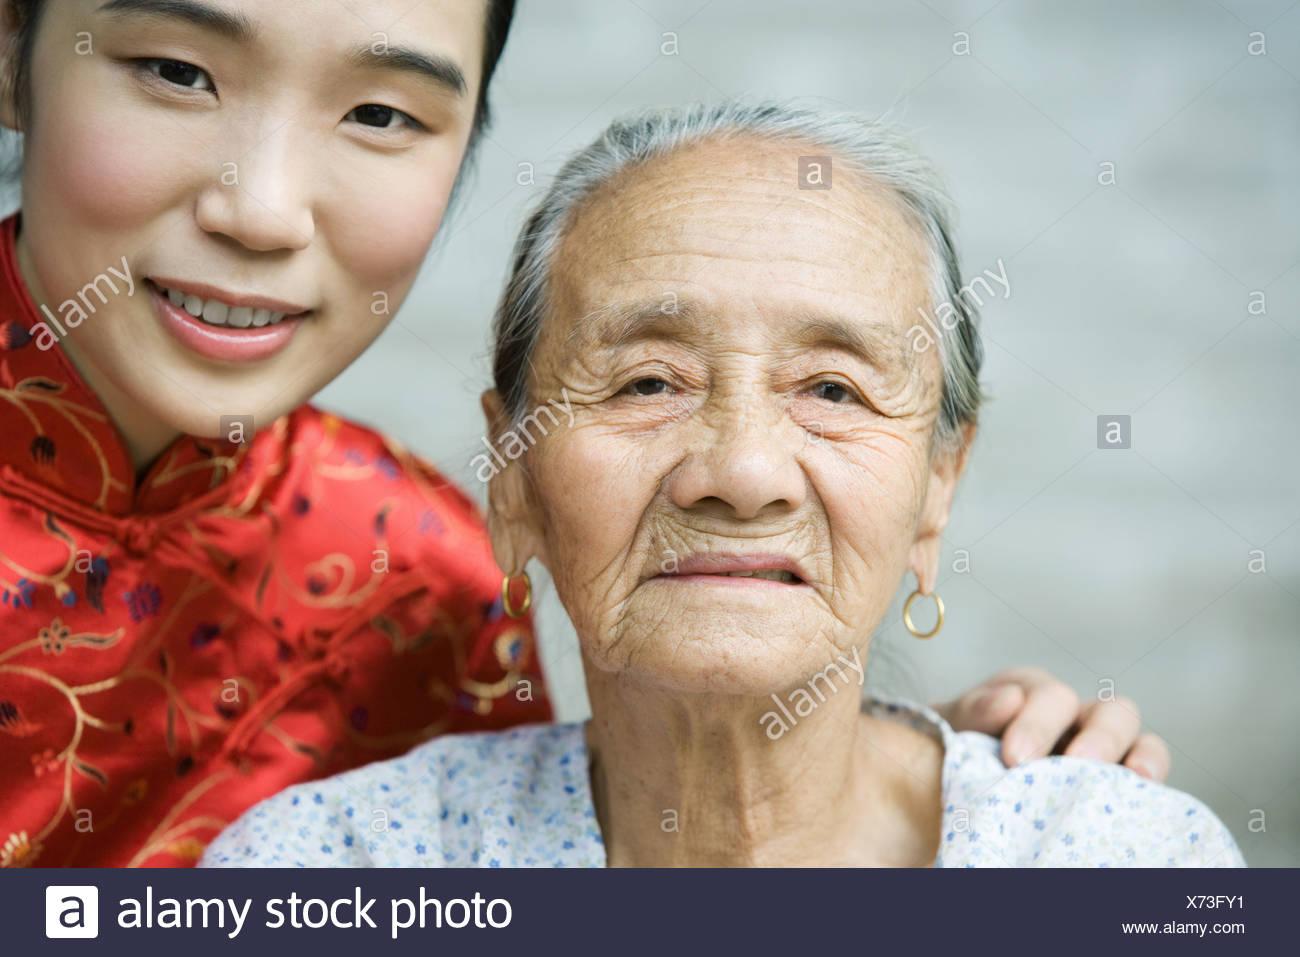 Jeune femme portant des vêtements traditionnels chinois posant avec grand-mère âgée, portrait Banque D'Images